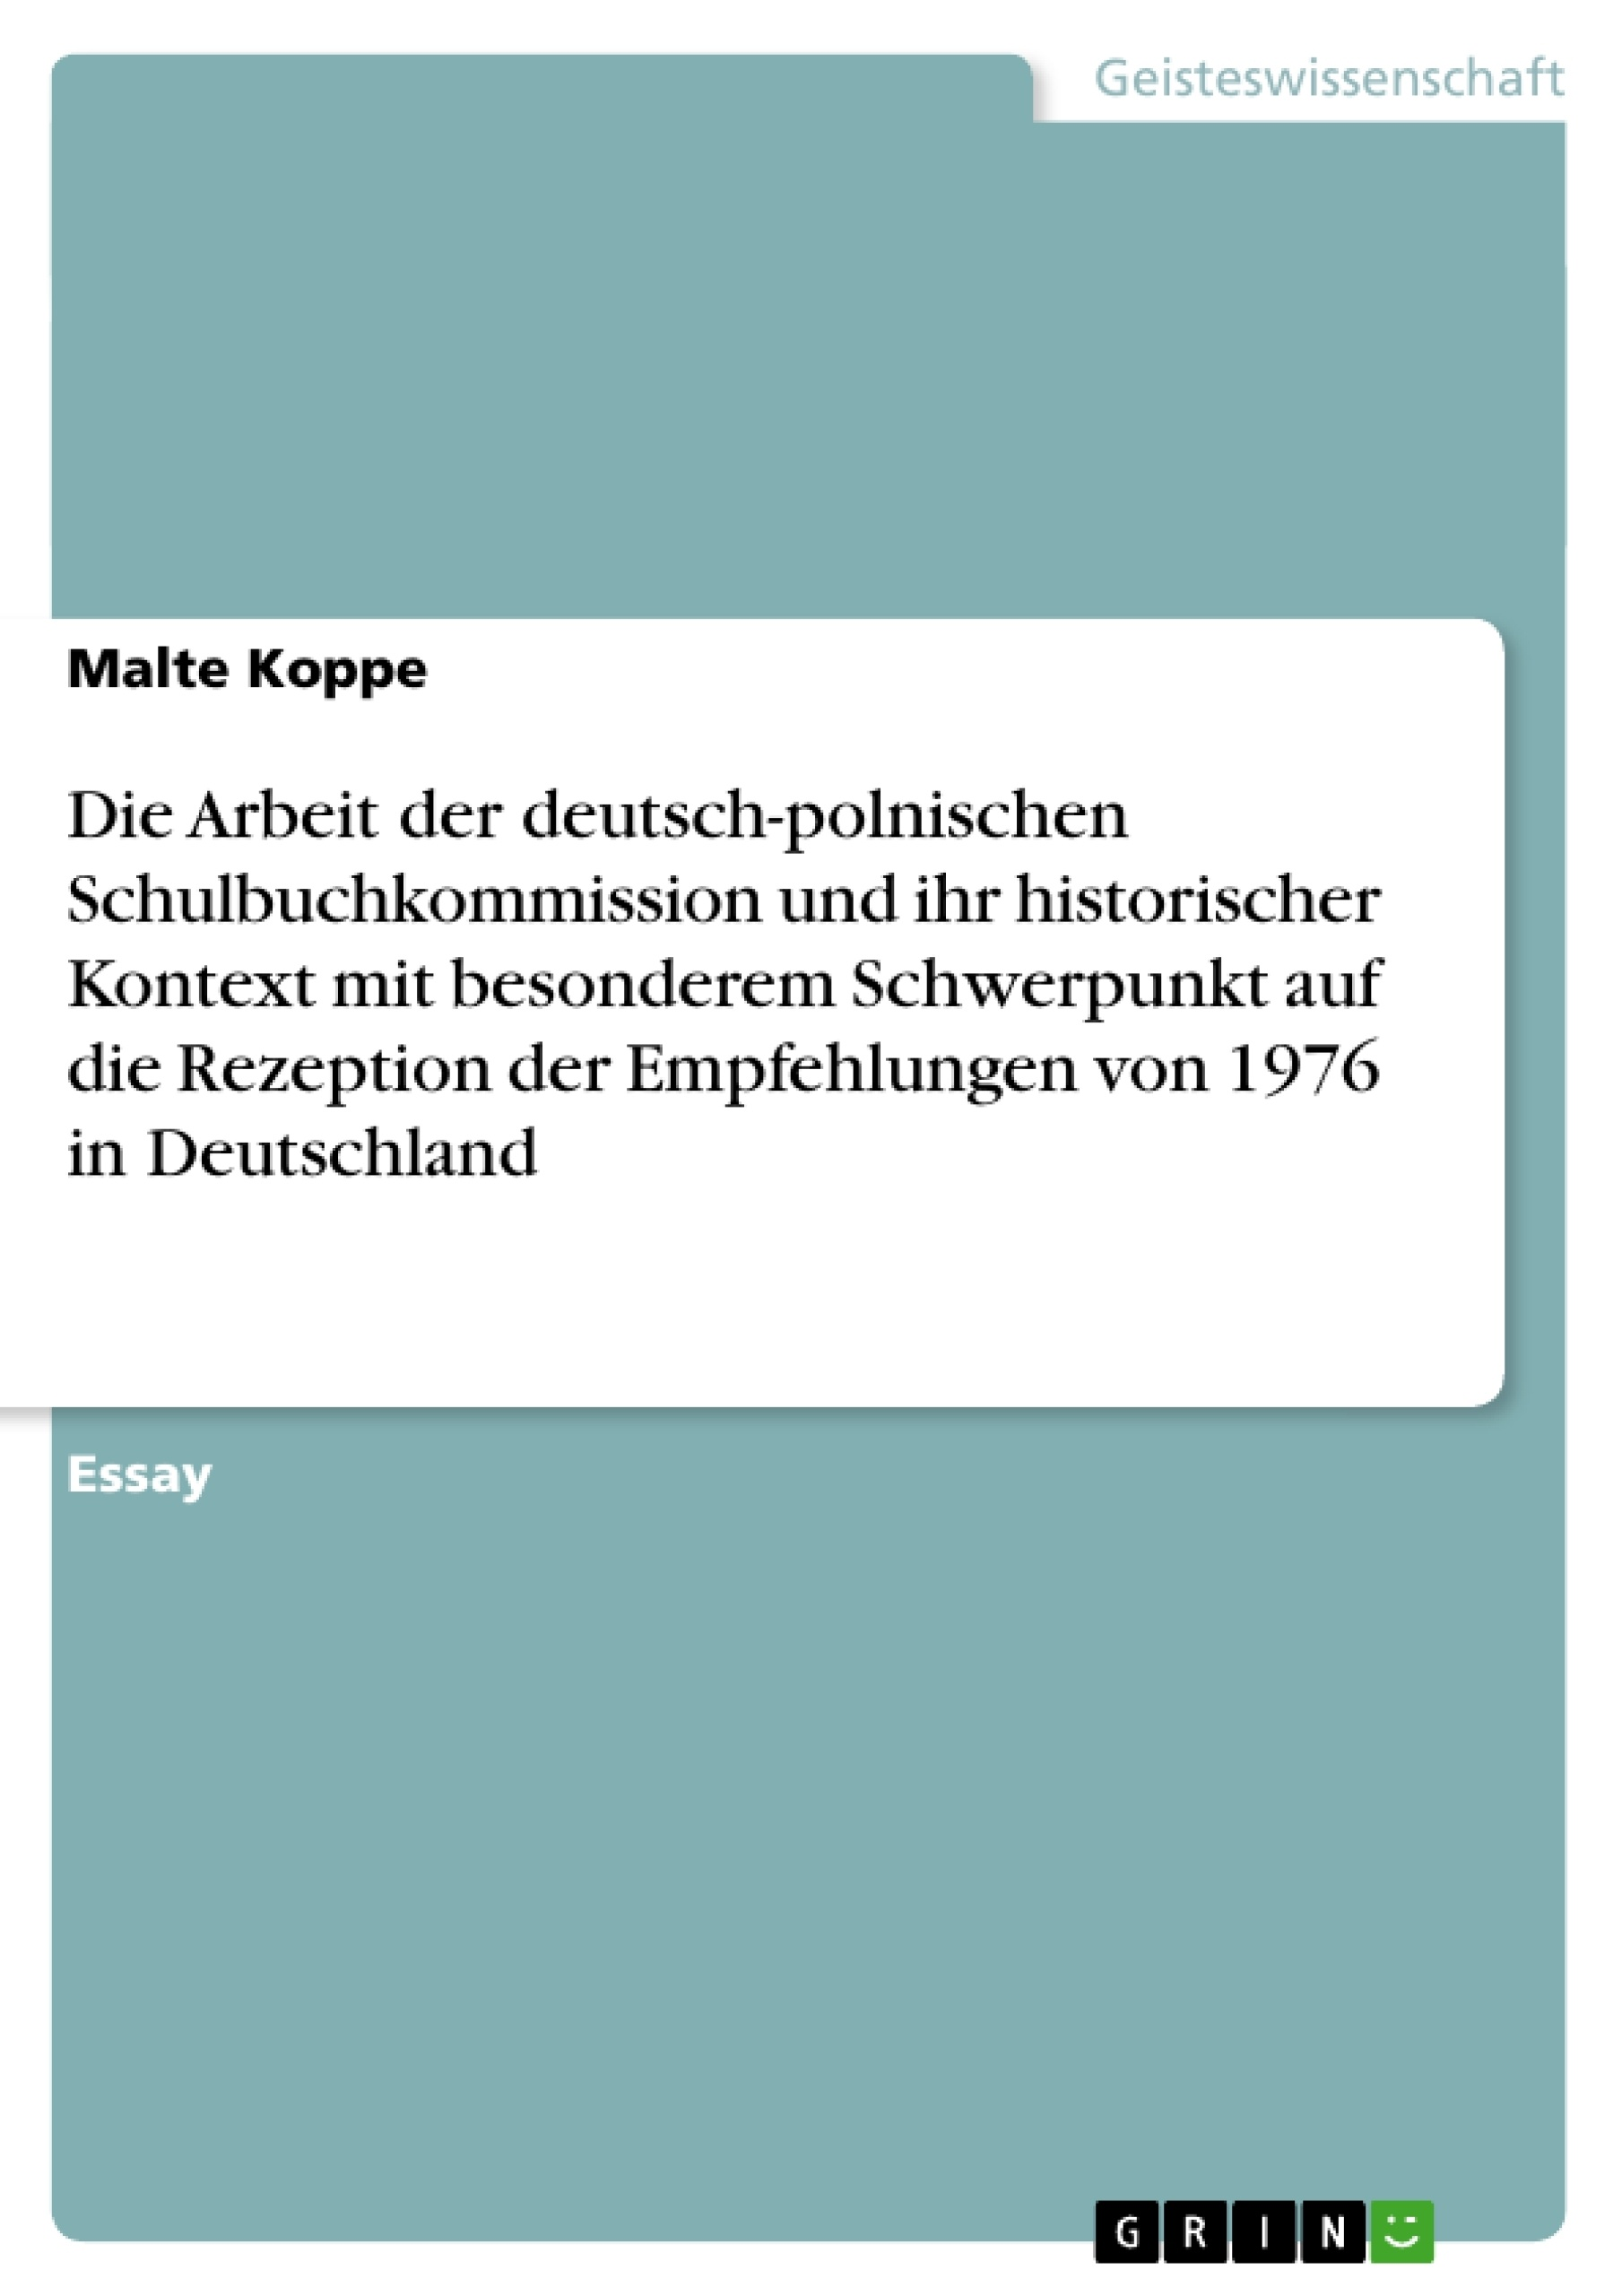 Titel: Die Arbeit der deutsch-polnischen Schulbuchkommission und ihr historischer Kontext mit besonderem Schwerpunkt auf die Rezeption der Empfehlungen von 1976 in Deutschland